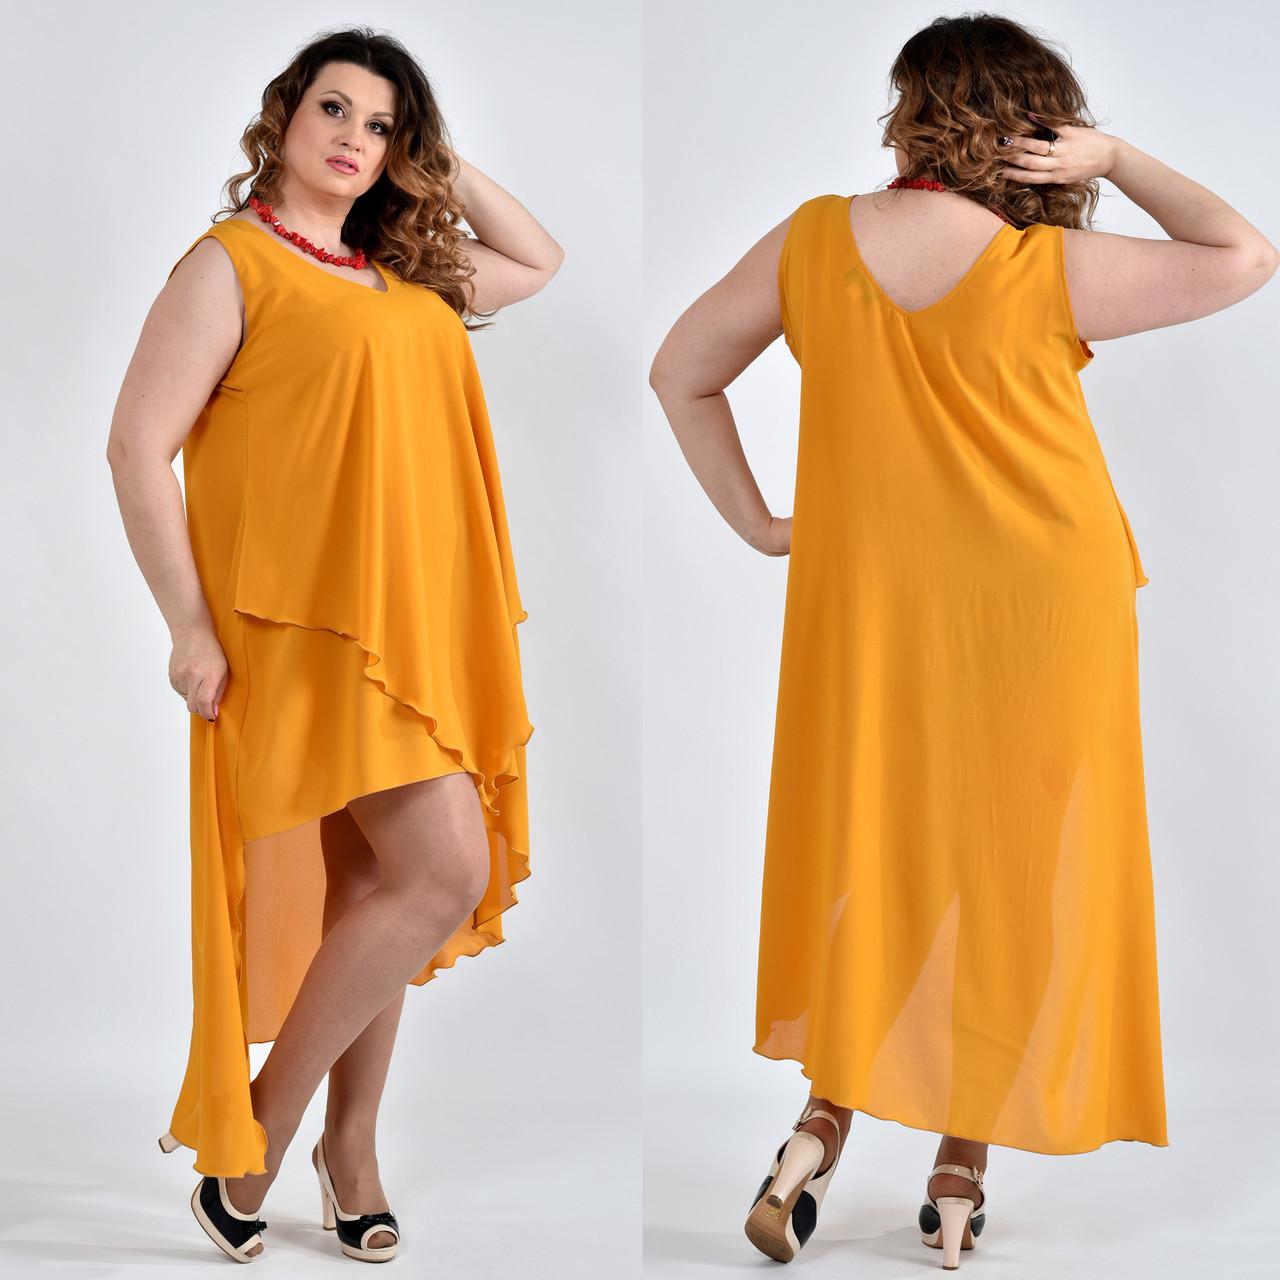 c6bd6e5e6f2038b Легкое платье из шифона для полных женщин 0515 горчица - DS Moda - женская  одежда оптом